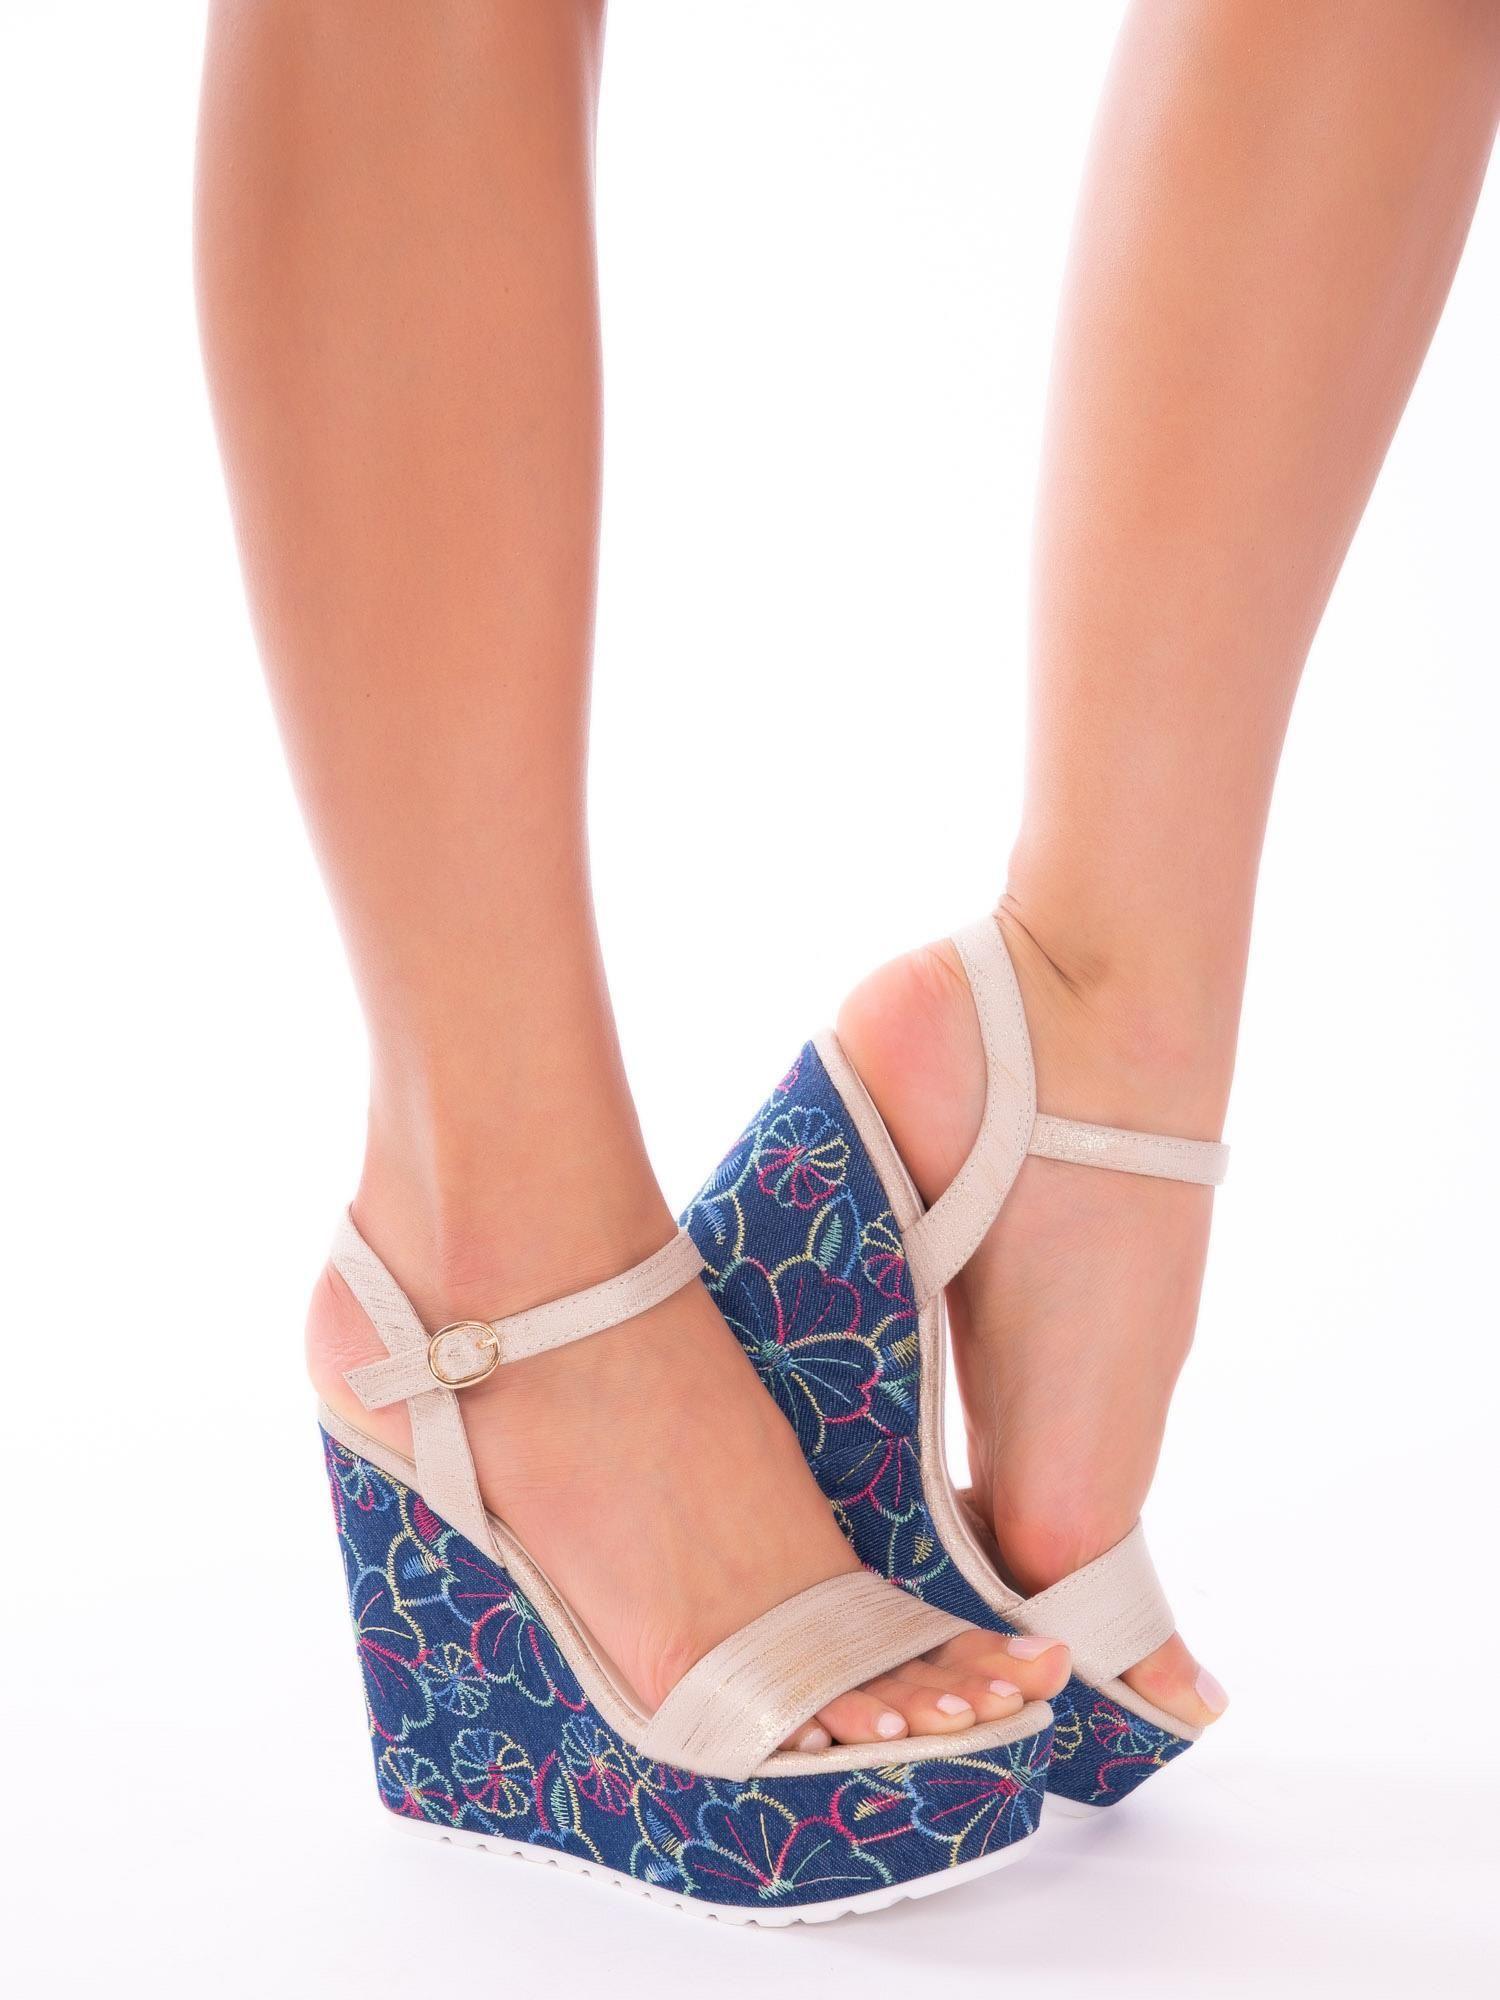 65af6c95 Złote sandały na koturnach z kolorowymi haftami w kształcie kwiatów - Buty  Koturny - sklep eButik.pl